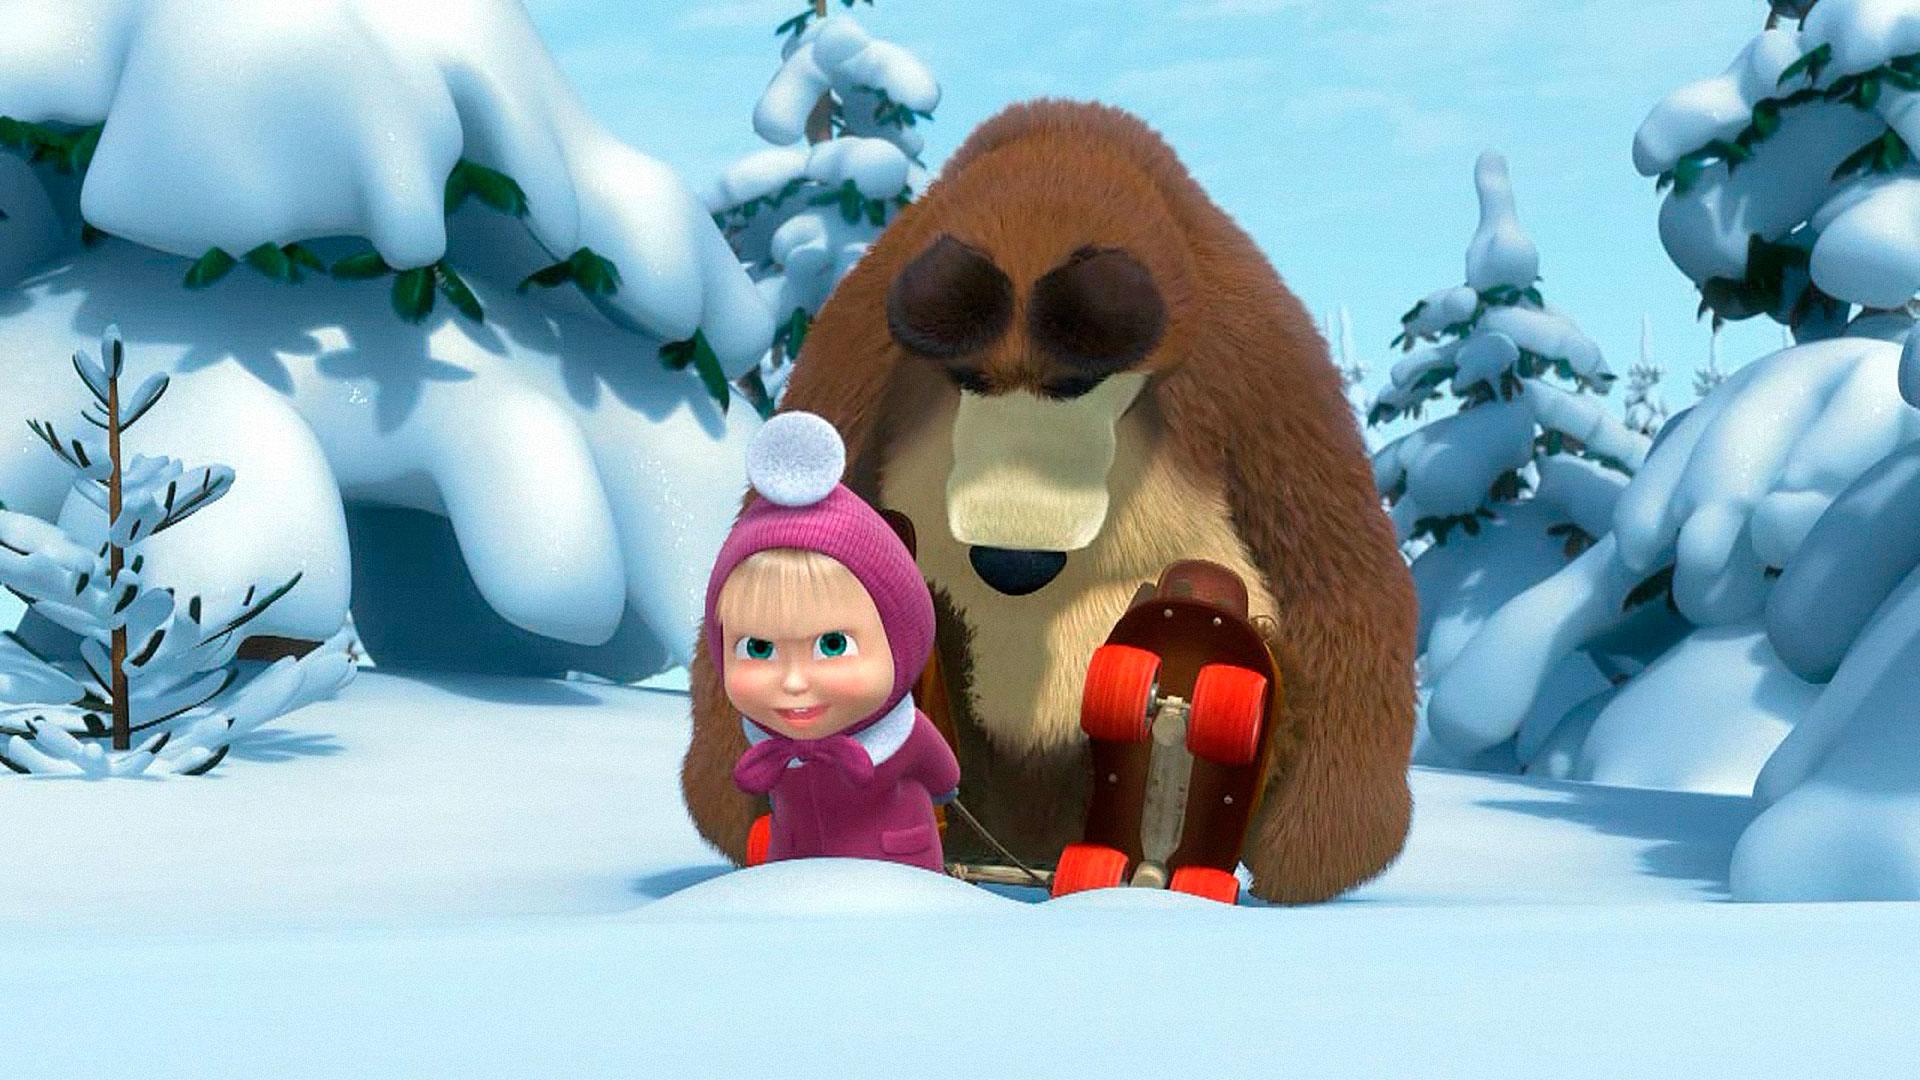 верно заметили, картинка с маши и медведь зимой спит текстуры или